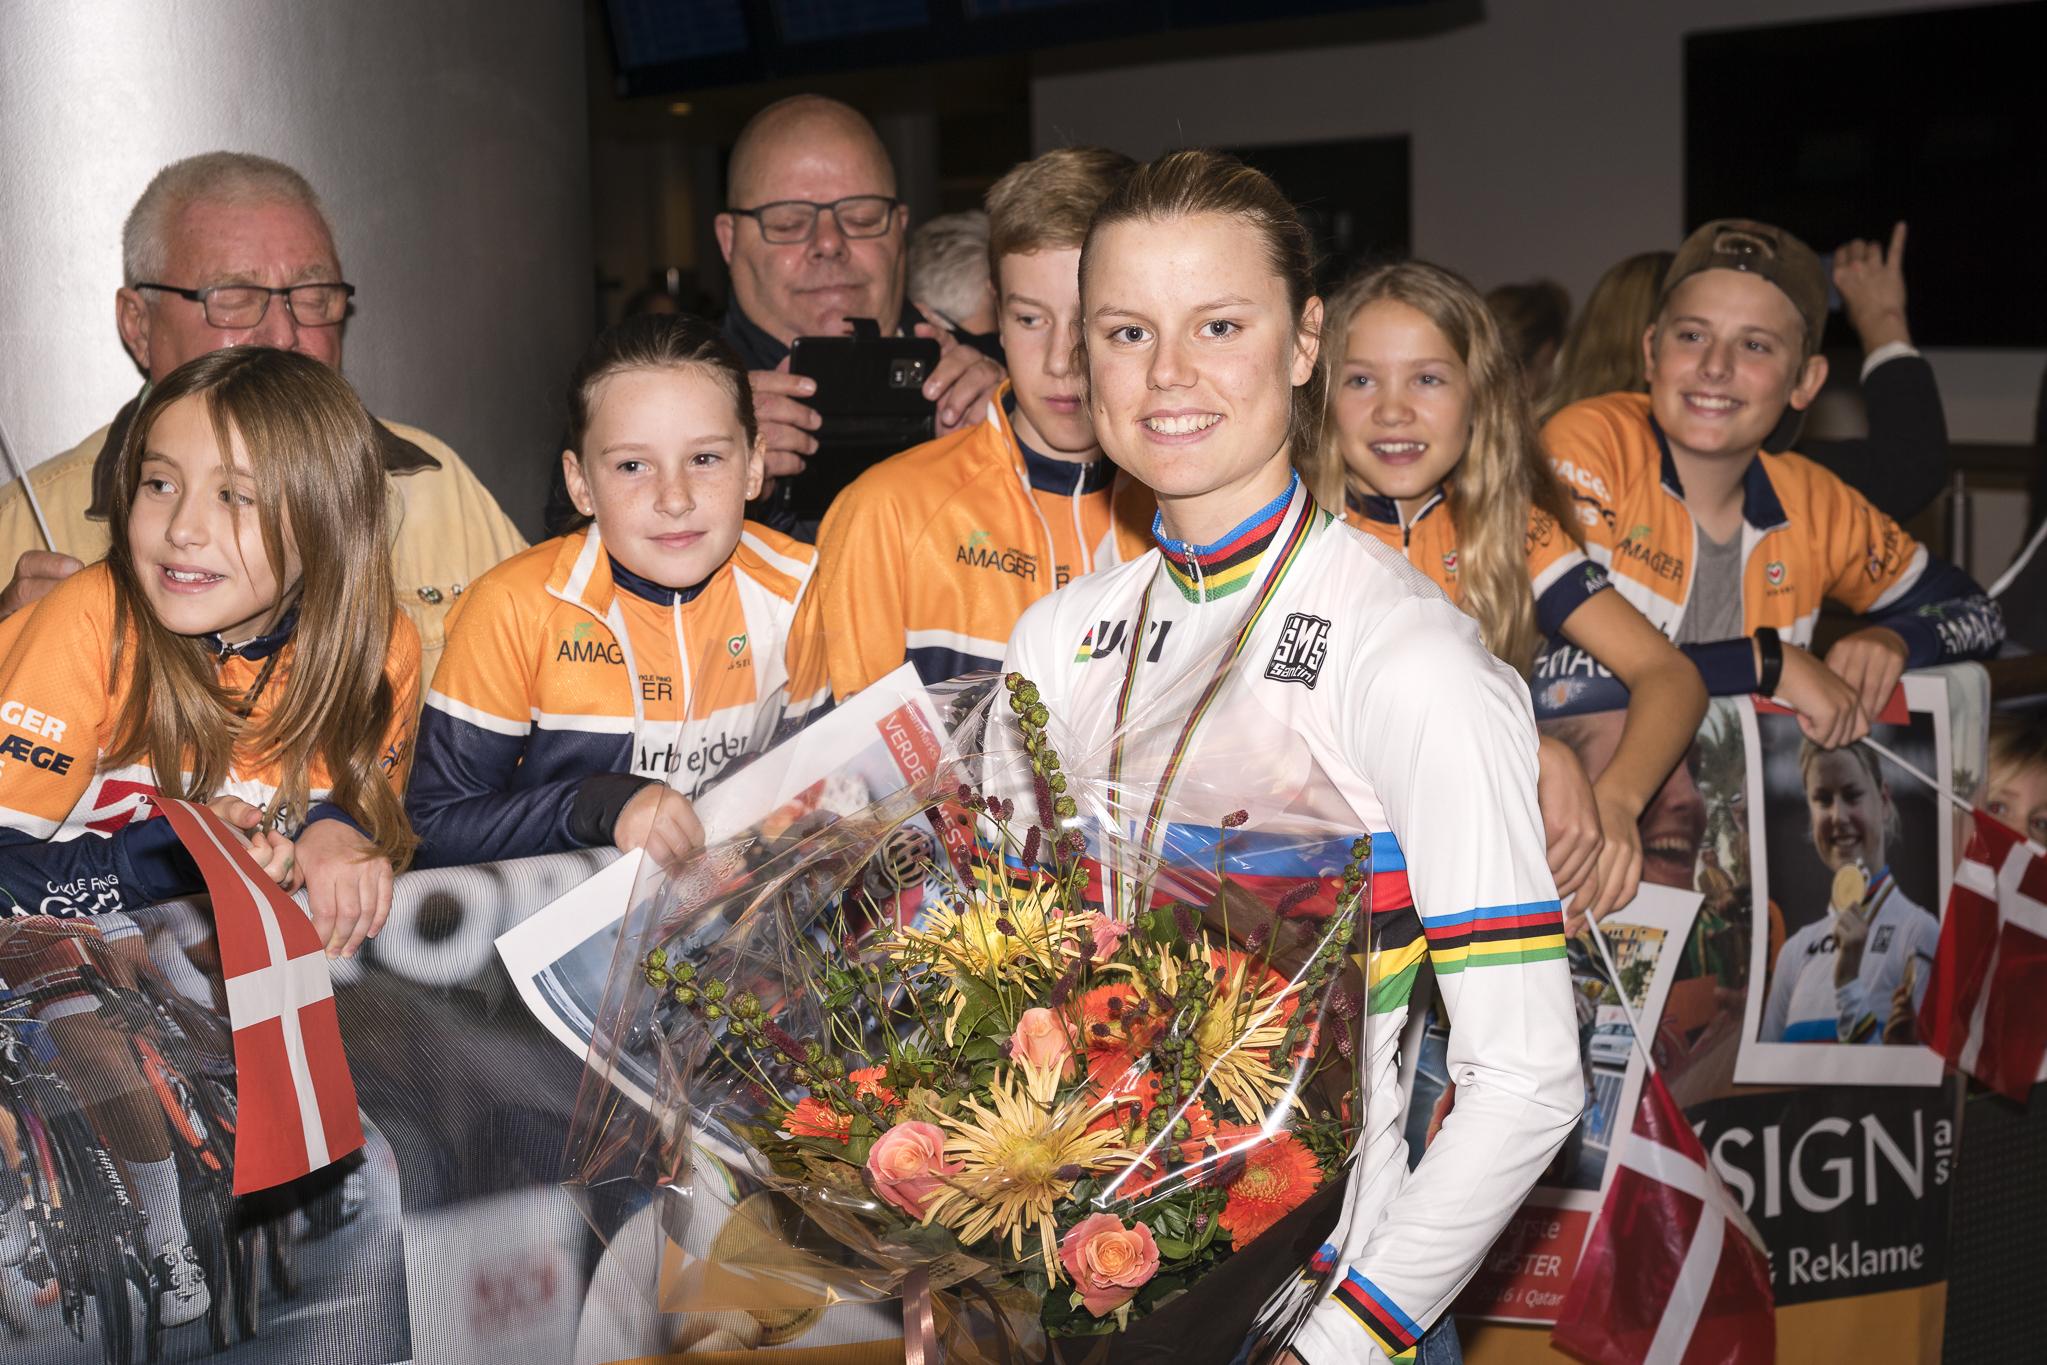 Verdensmesteren Amalie Dideriksen bydes velkommen hjem af medlemmer fra Amager Cykle Ring - foto: Jesper Skovbølle